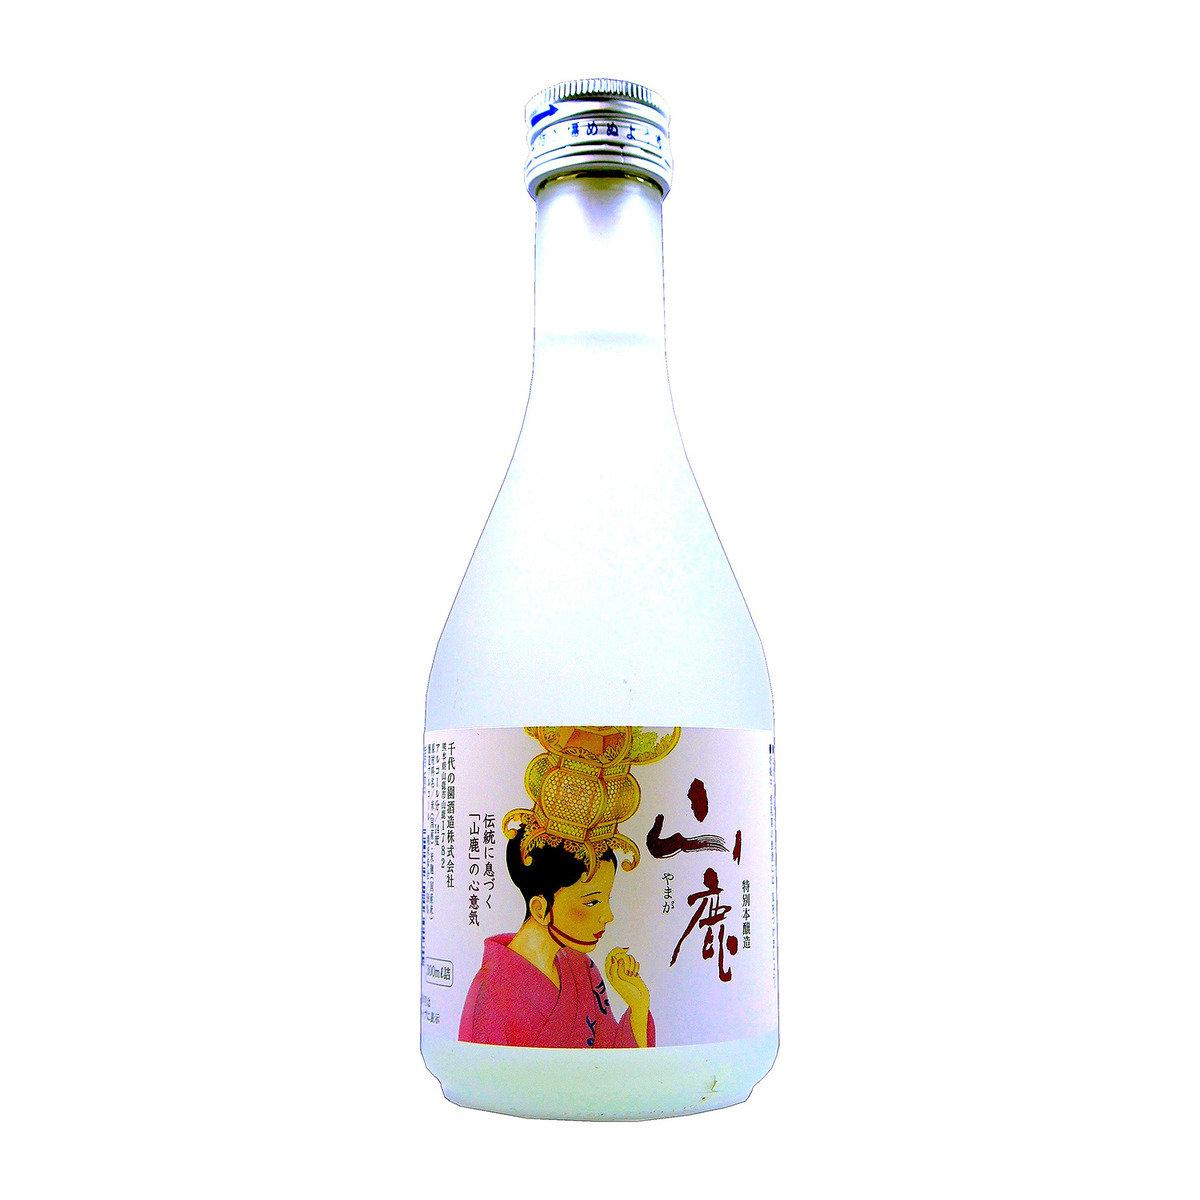 特別本釀造 '山鹿' (燈籠娘) (300 毫升)